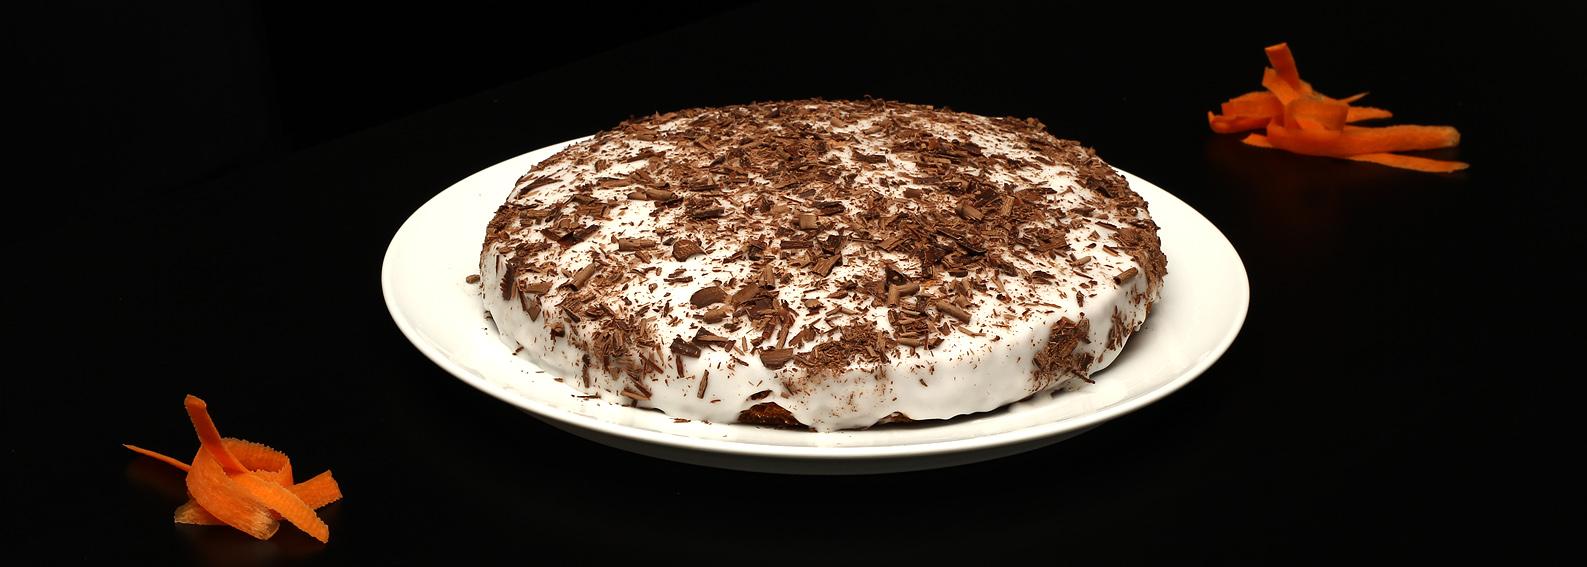 https://le-mercredi-c-est-patisserie.blogspot.com/2012/09/gateau-la-carotte-et-au-chocolat.html